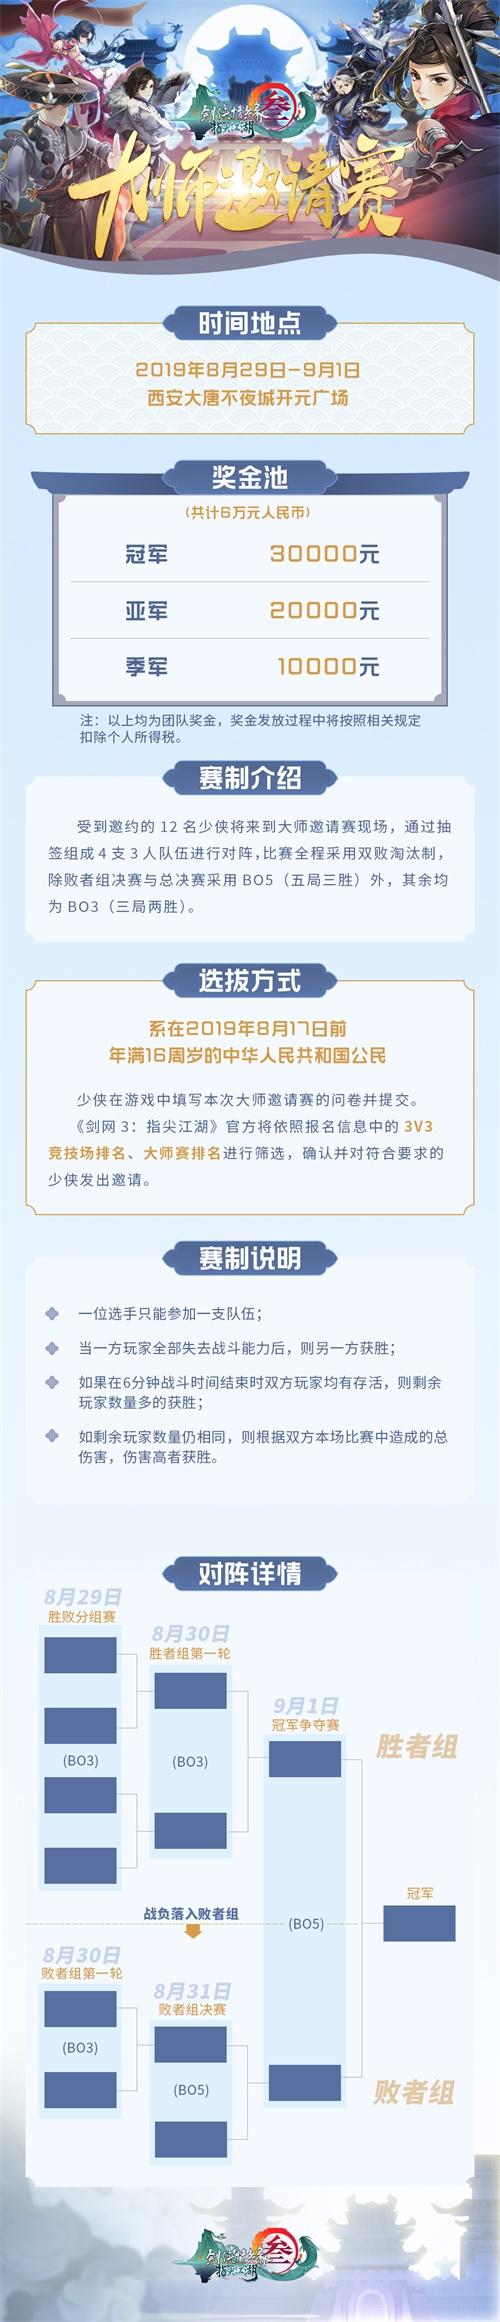 《剑网3:指尖江湖》全民庆典即将开启 助力《剑网3》IP十周年[视频][多图]图片3